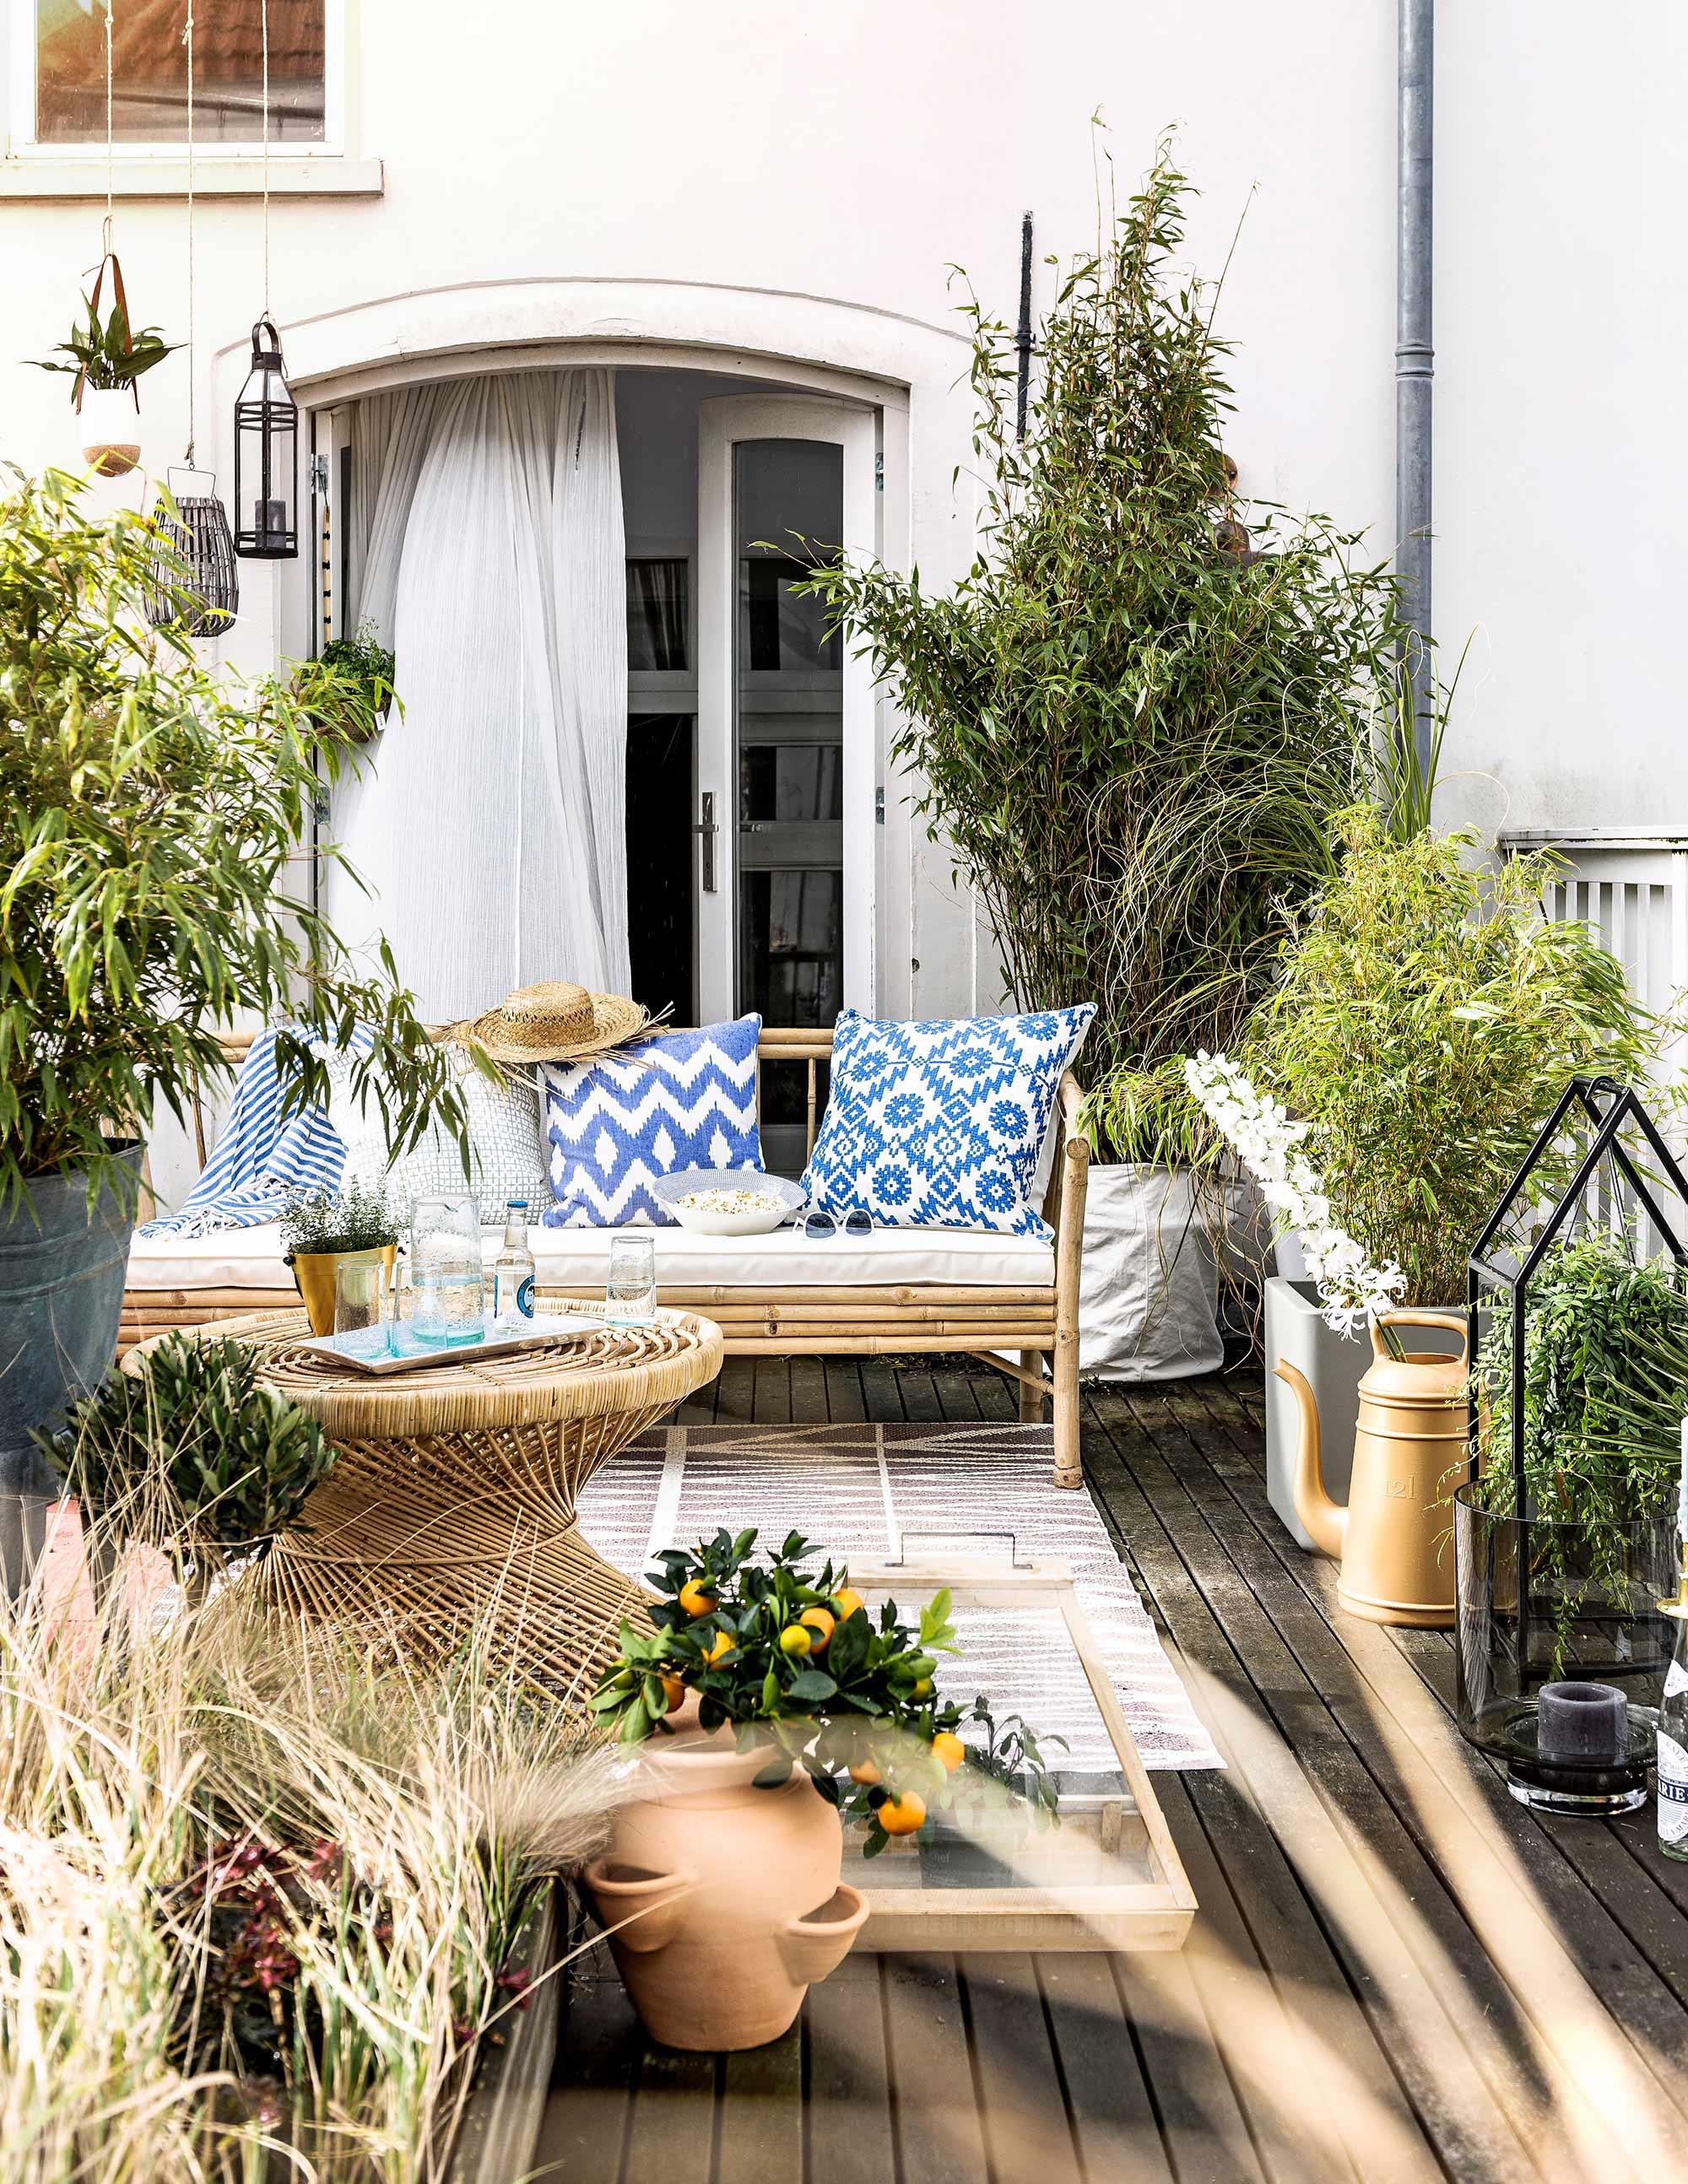 kleine tuin ibiza stijl klein ideeën accessoires